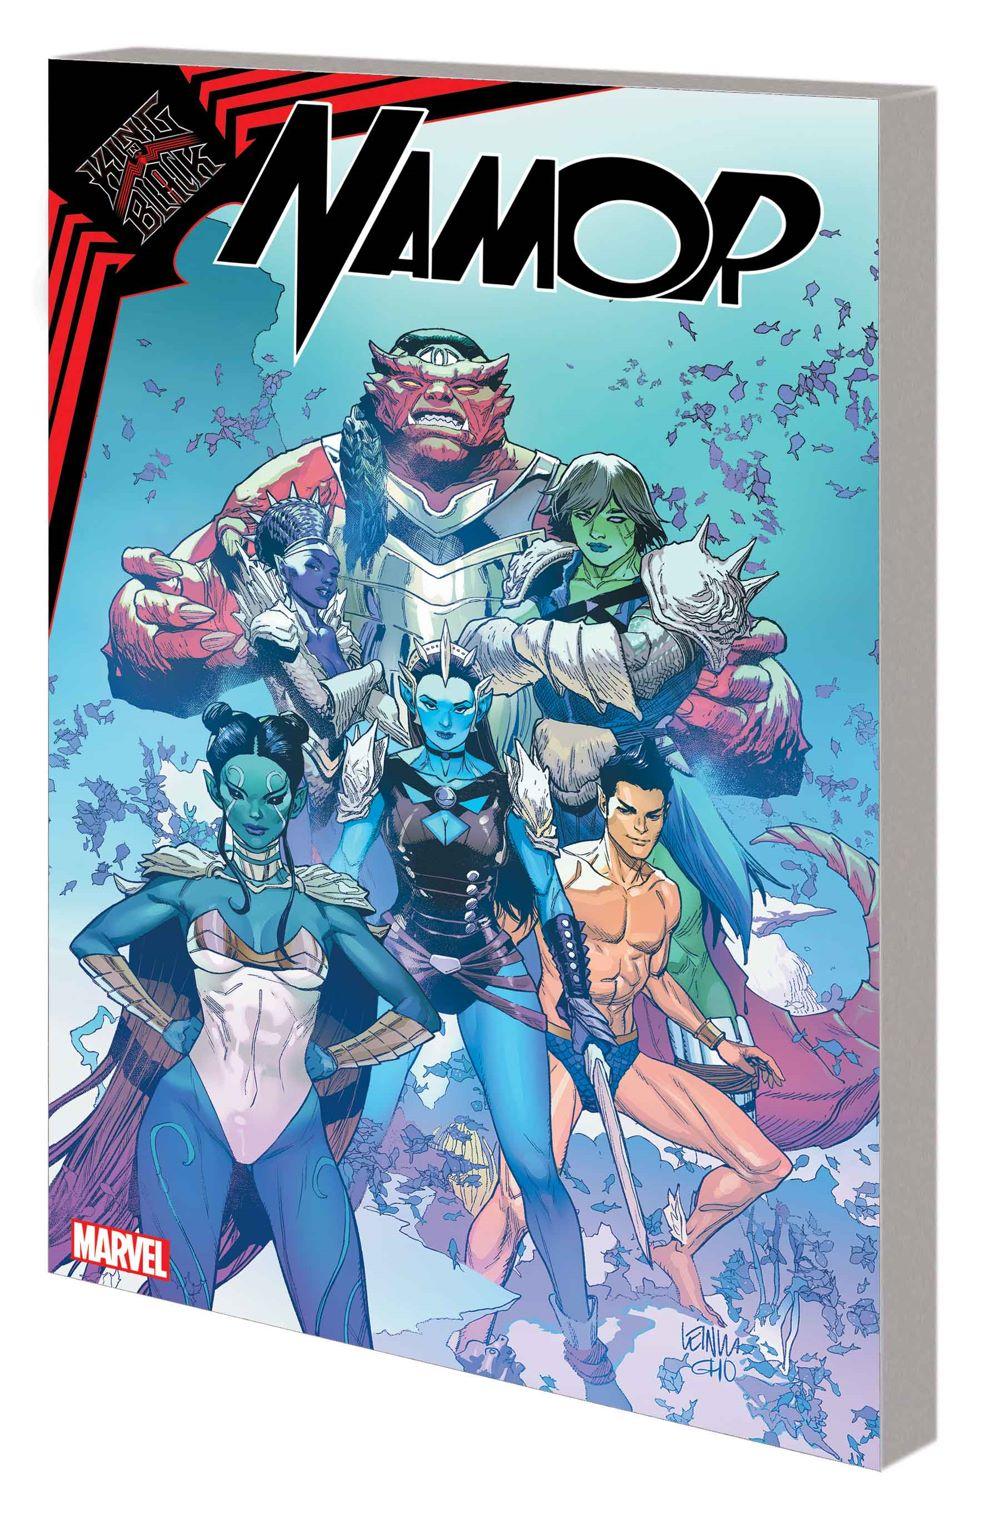 KIB_NAMOR_TPB Marvel Comics June 2021 Solicitations